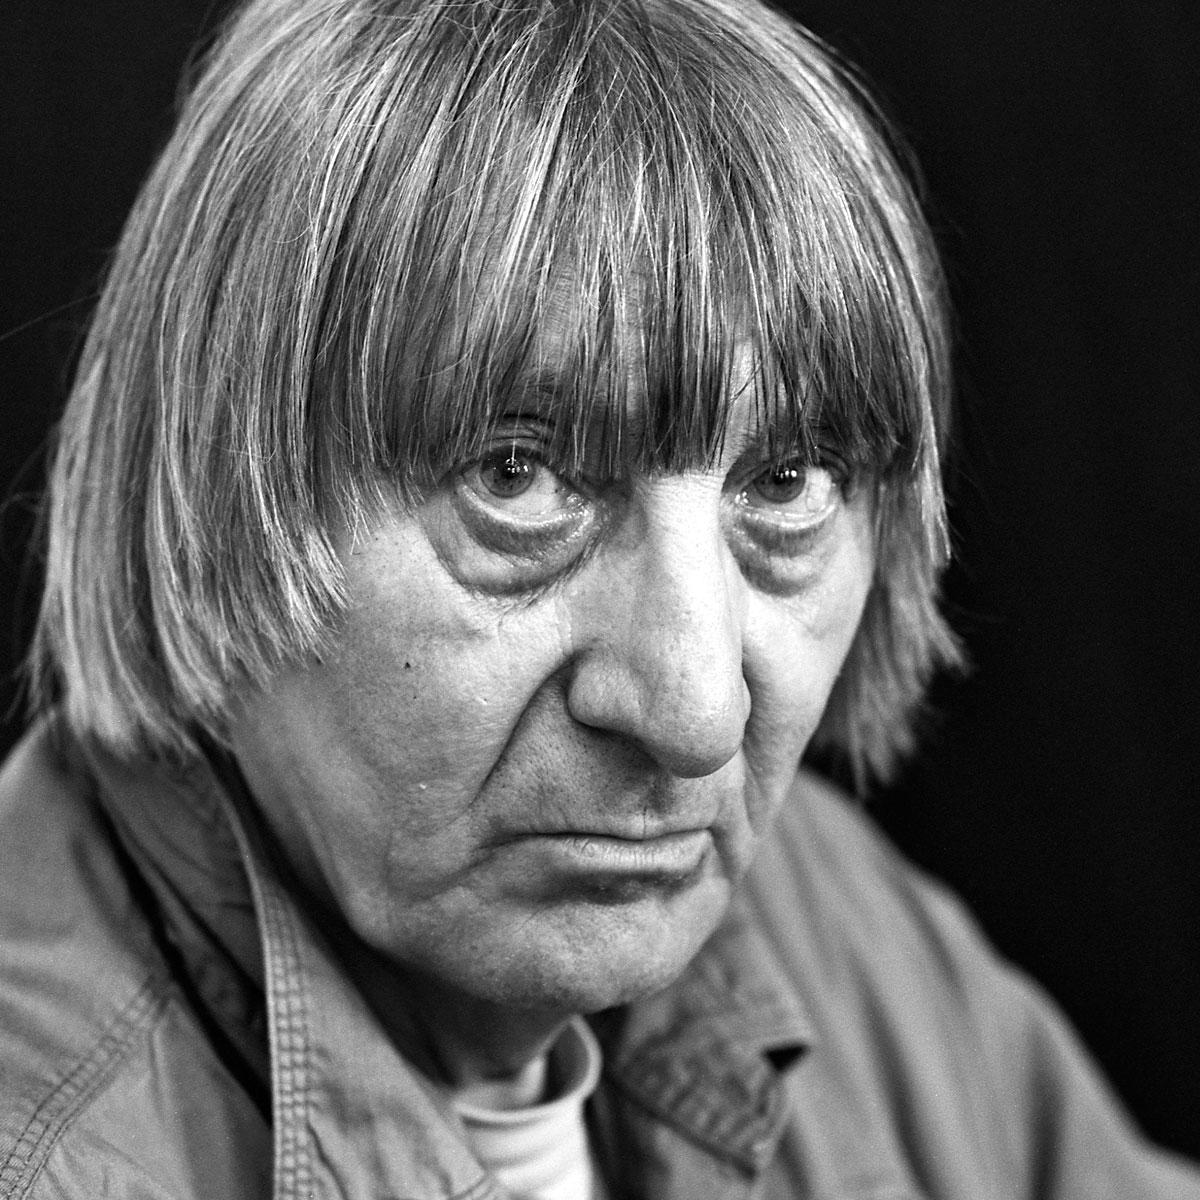 Fotograf Walter Schels, der Magier der Kamera, im Fokus von Christoph Vohler.